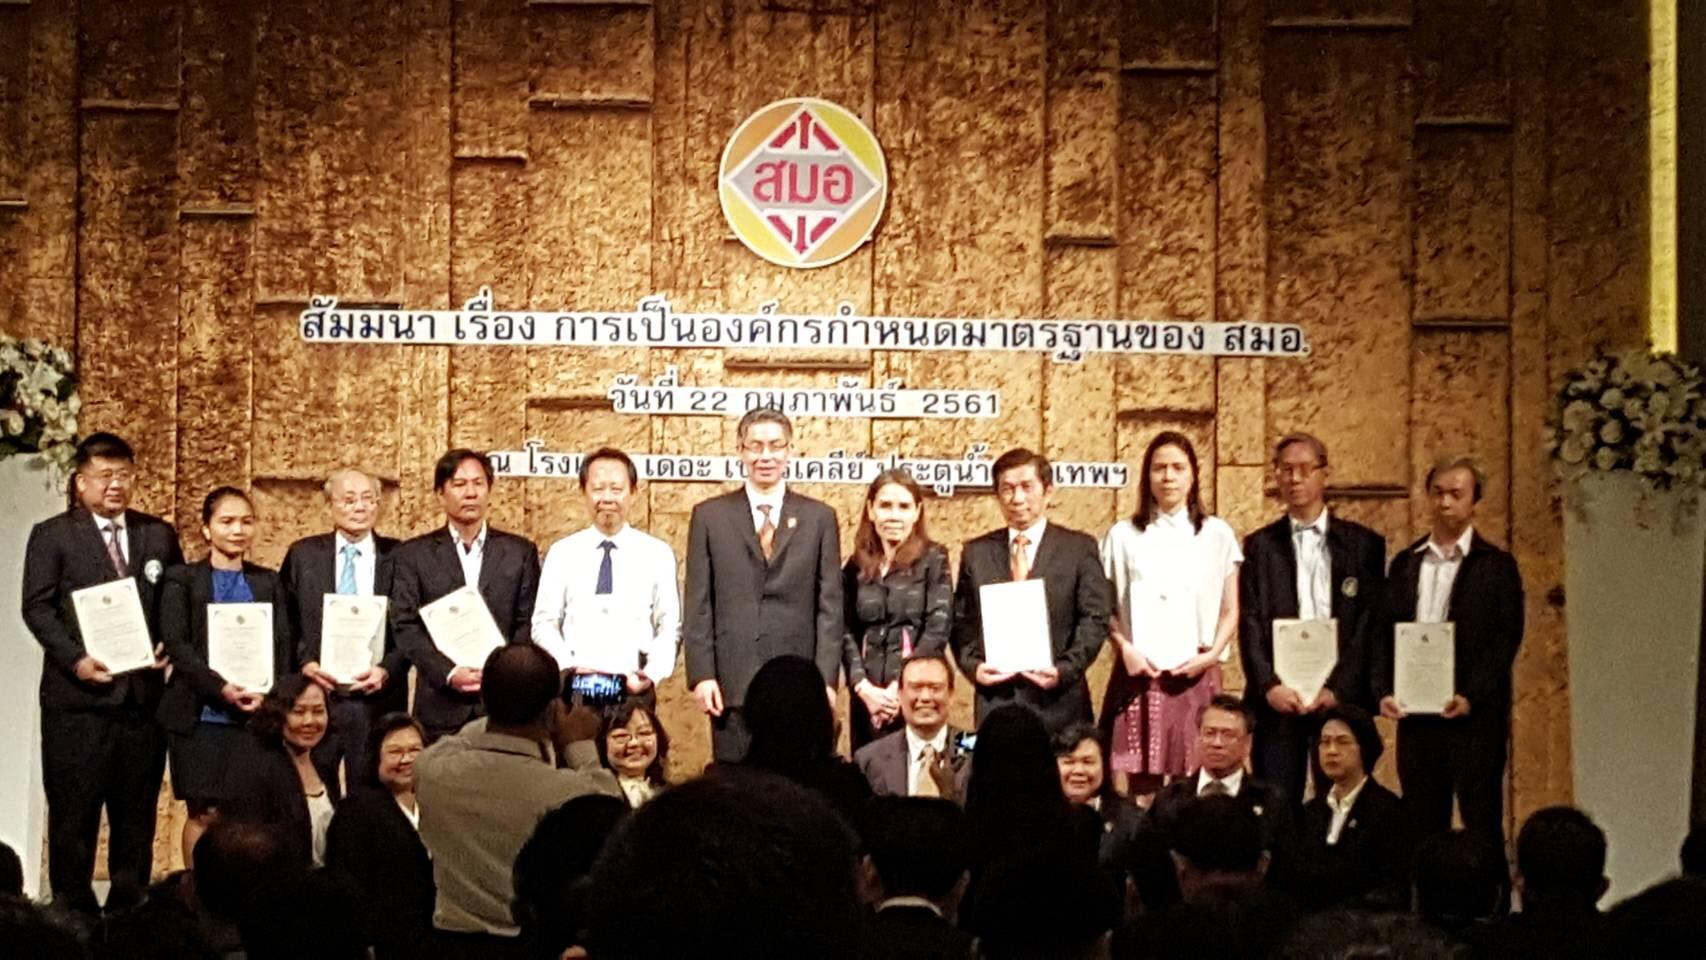 วิศวกรรมสถานแห่งประเทศไทยฯ  ได้รับการจดทะเบียนเป็นองค์กรกำหนดมาตรฐานประเภทขั้นสูง